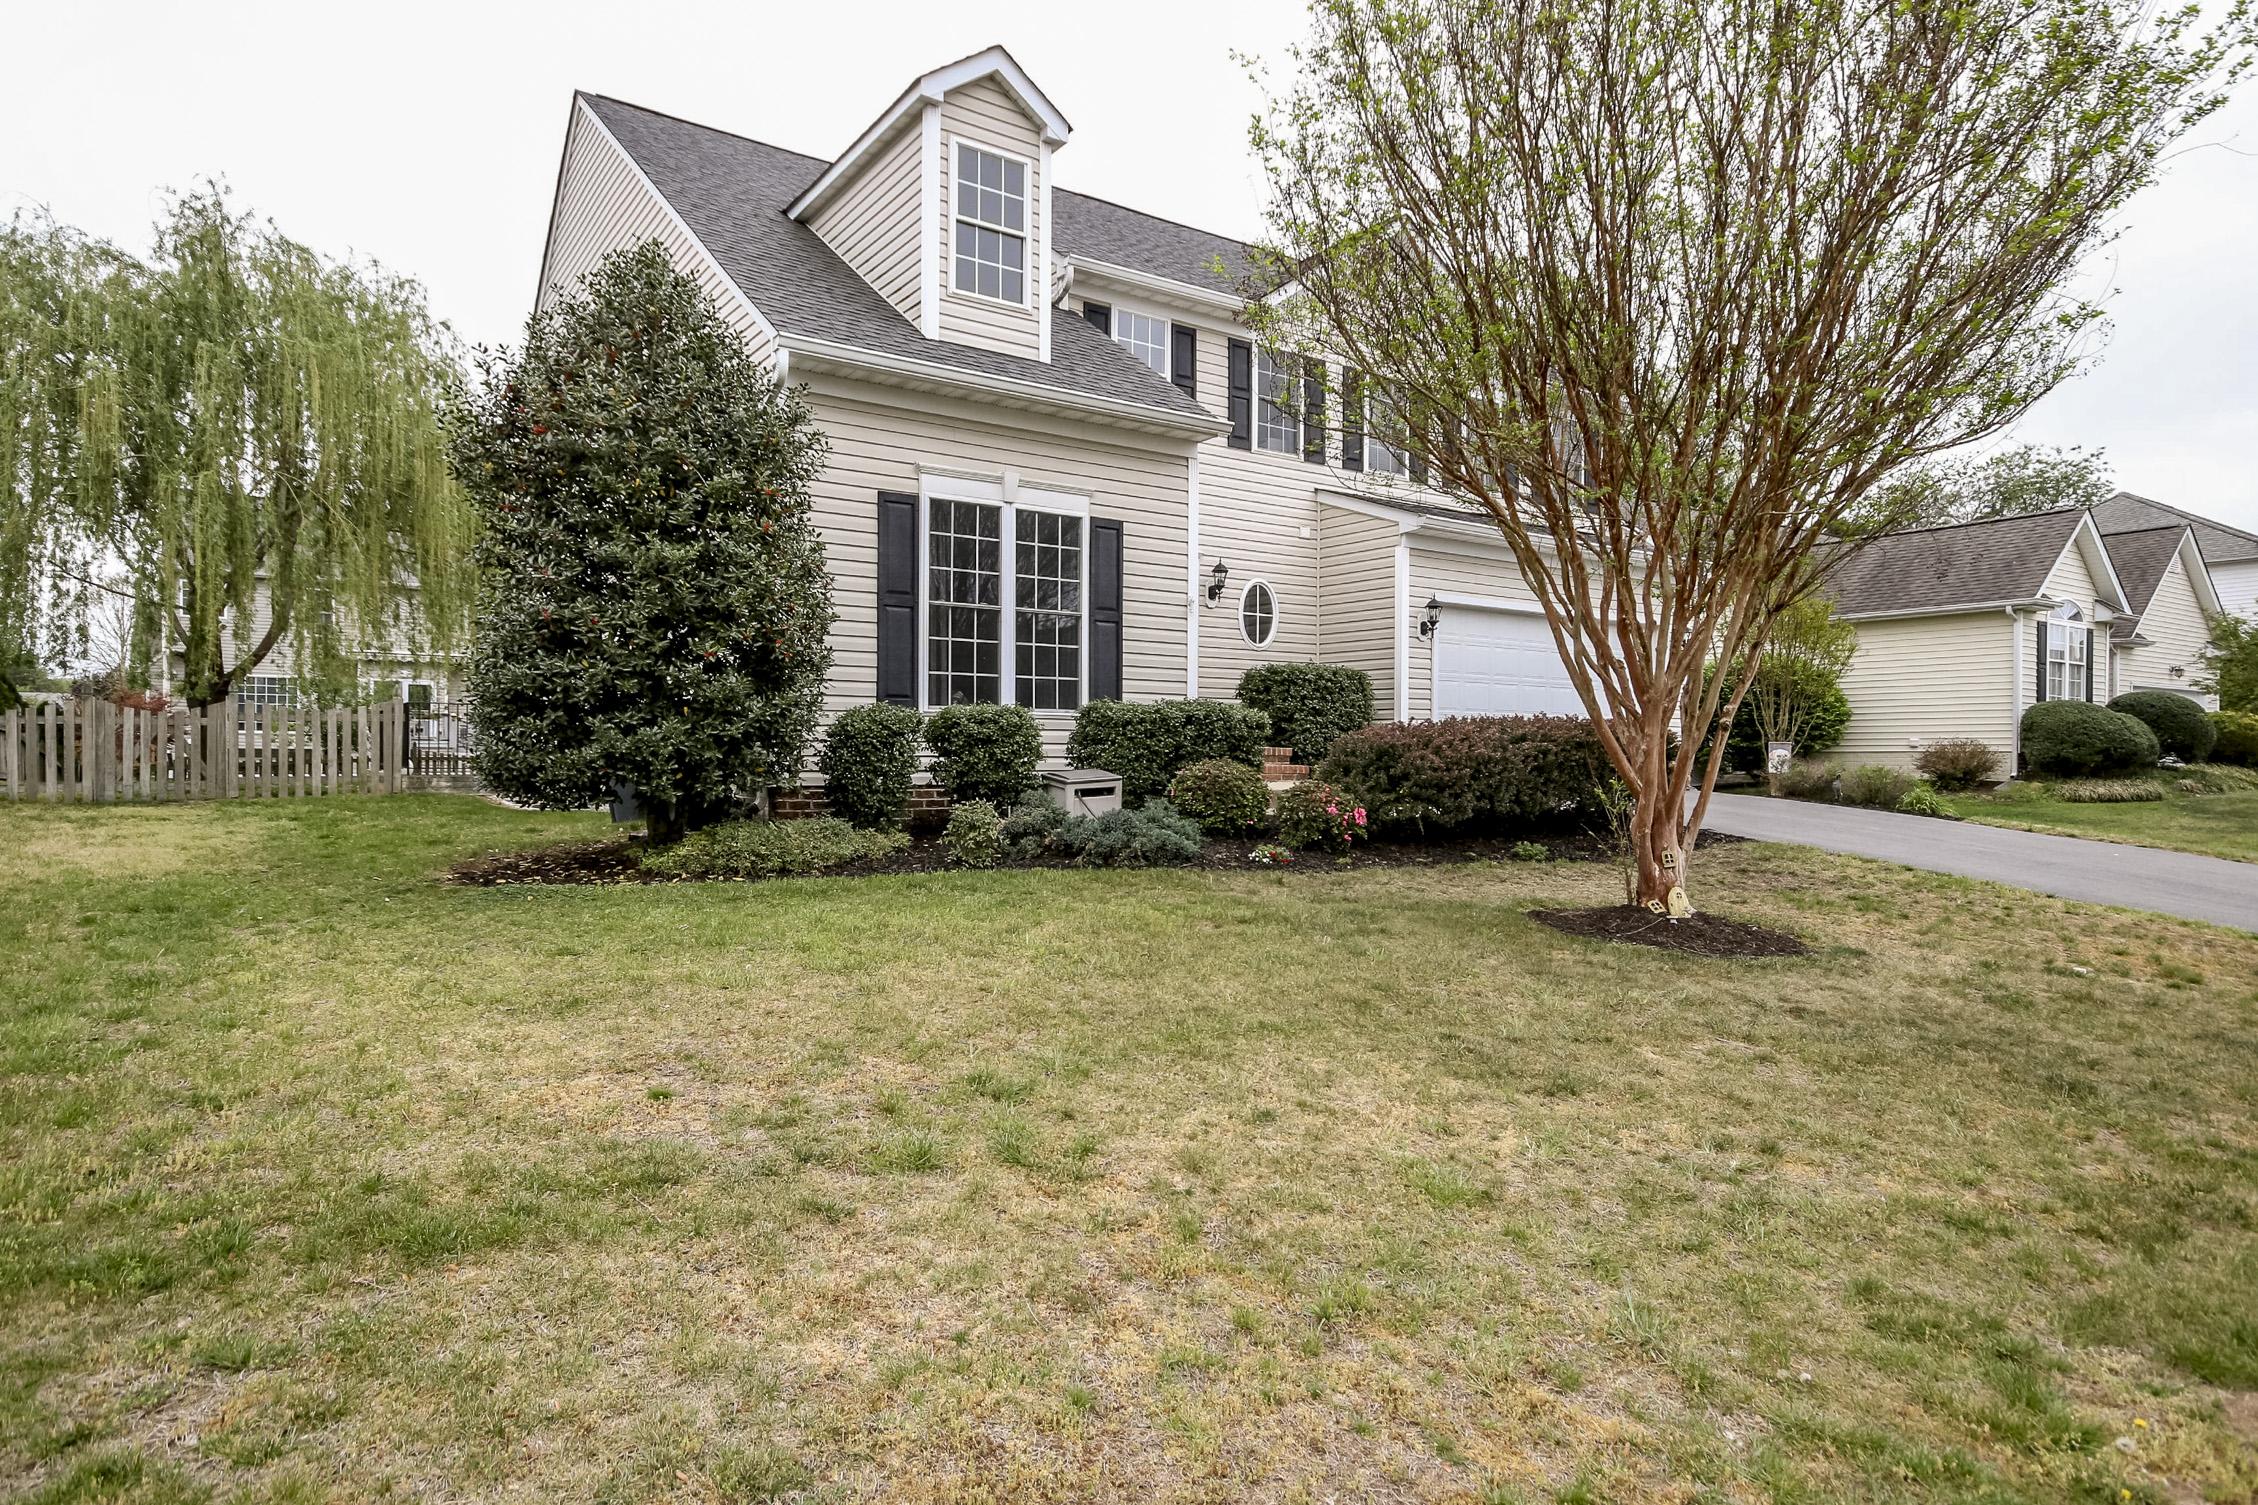 一戸建て のために 売買 アット 10825 Samantha Pl Fredericksburg, バージニア, 22408 アメリカ合衆国